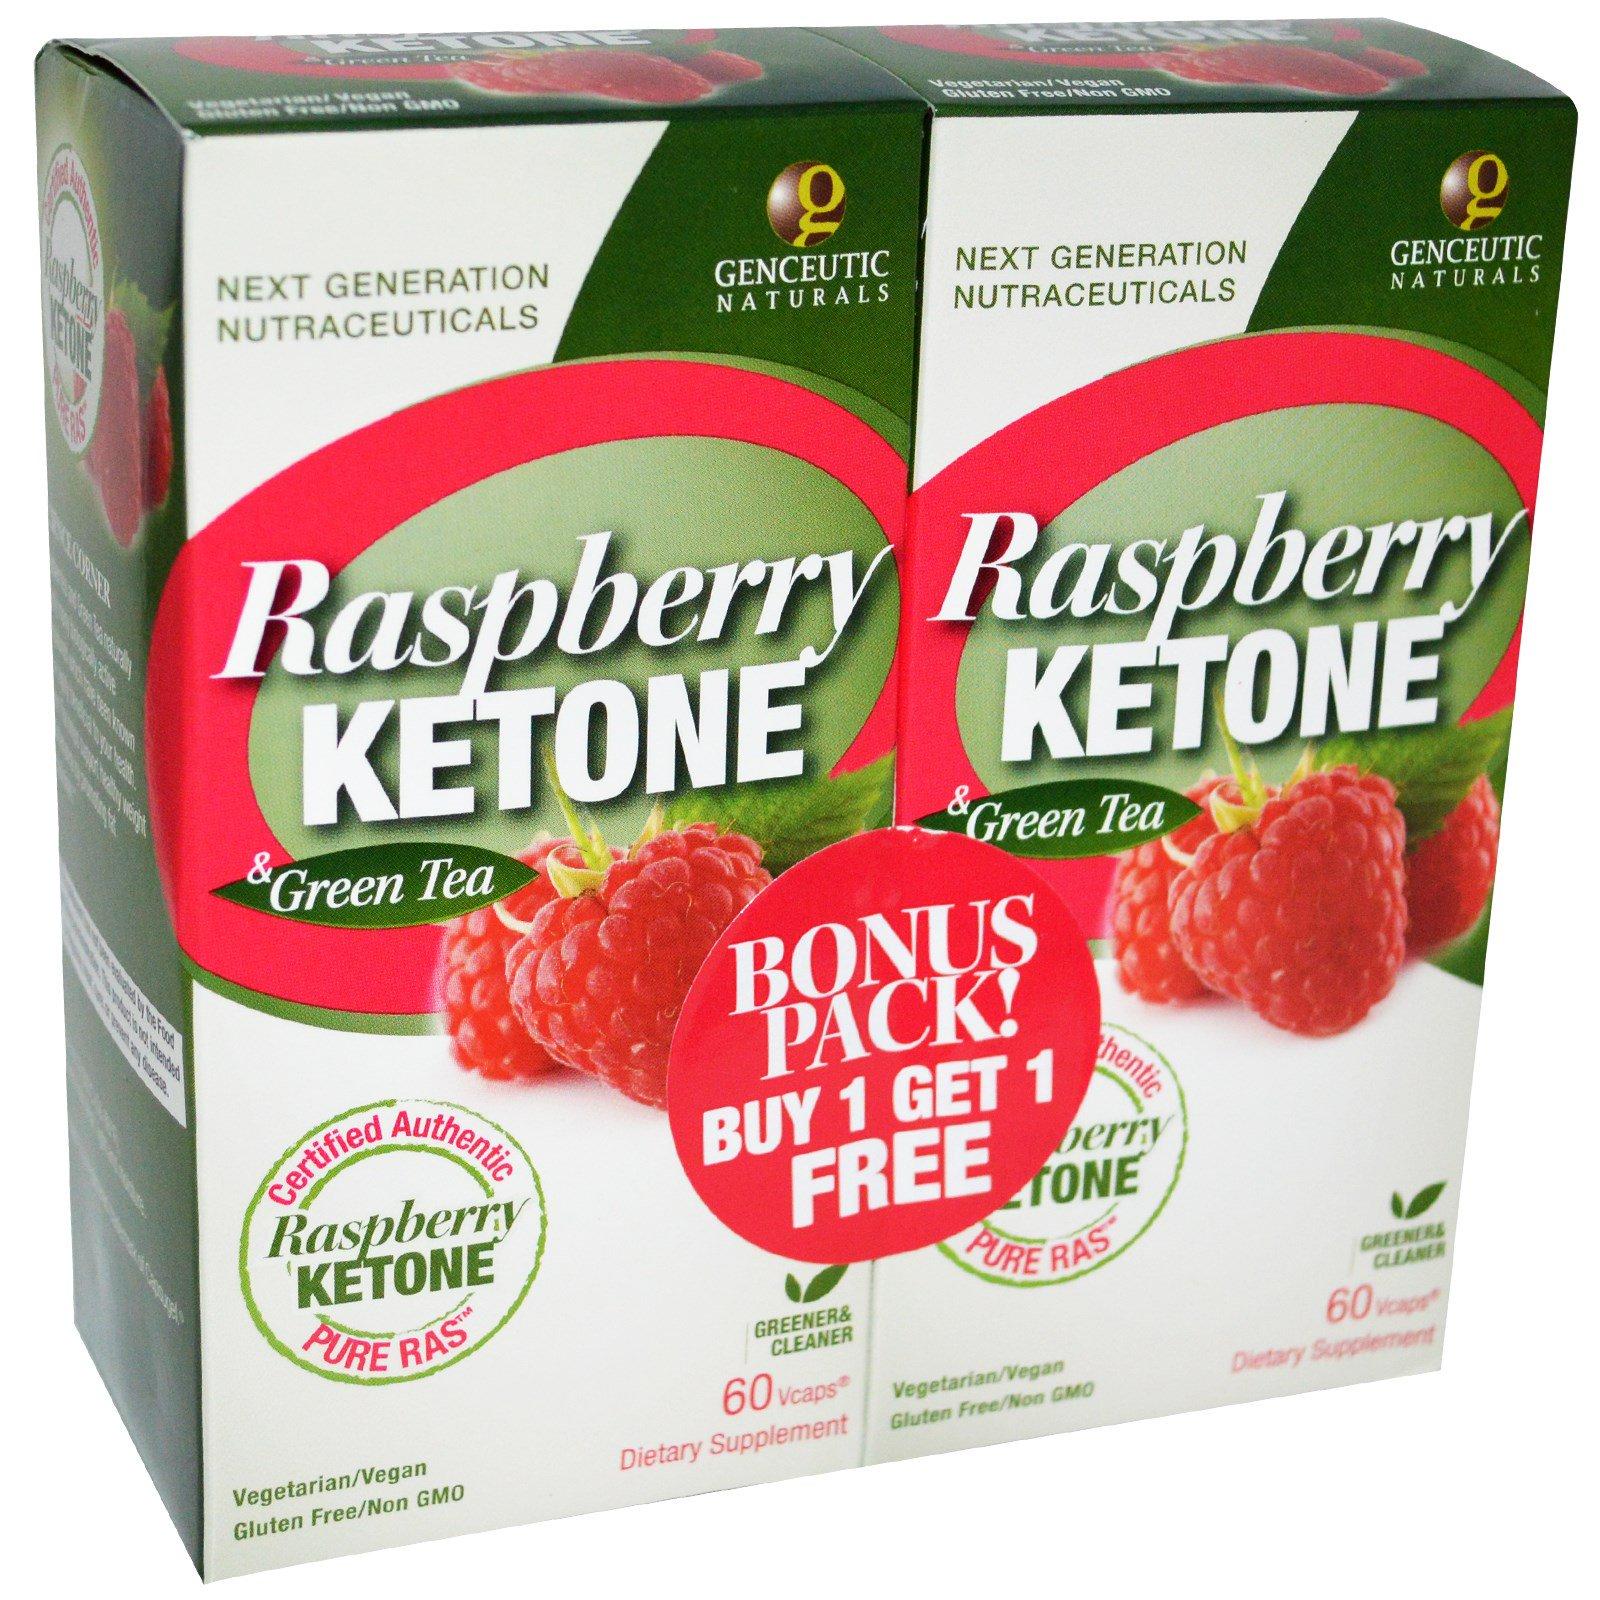 Genceutic Naturals Raspberry Ketone Green Tea 2 Bottles 60 V